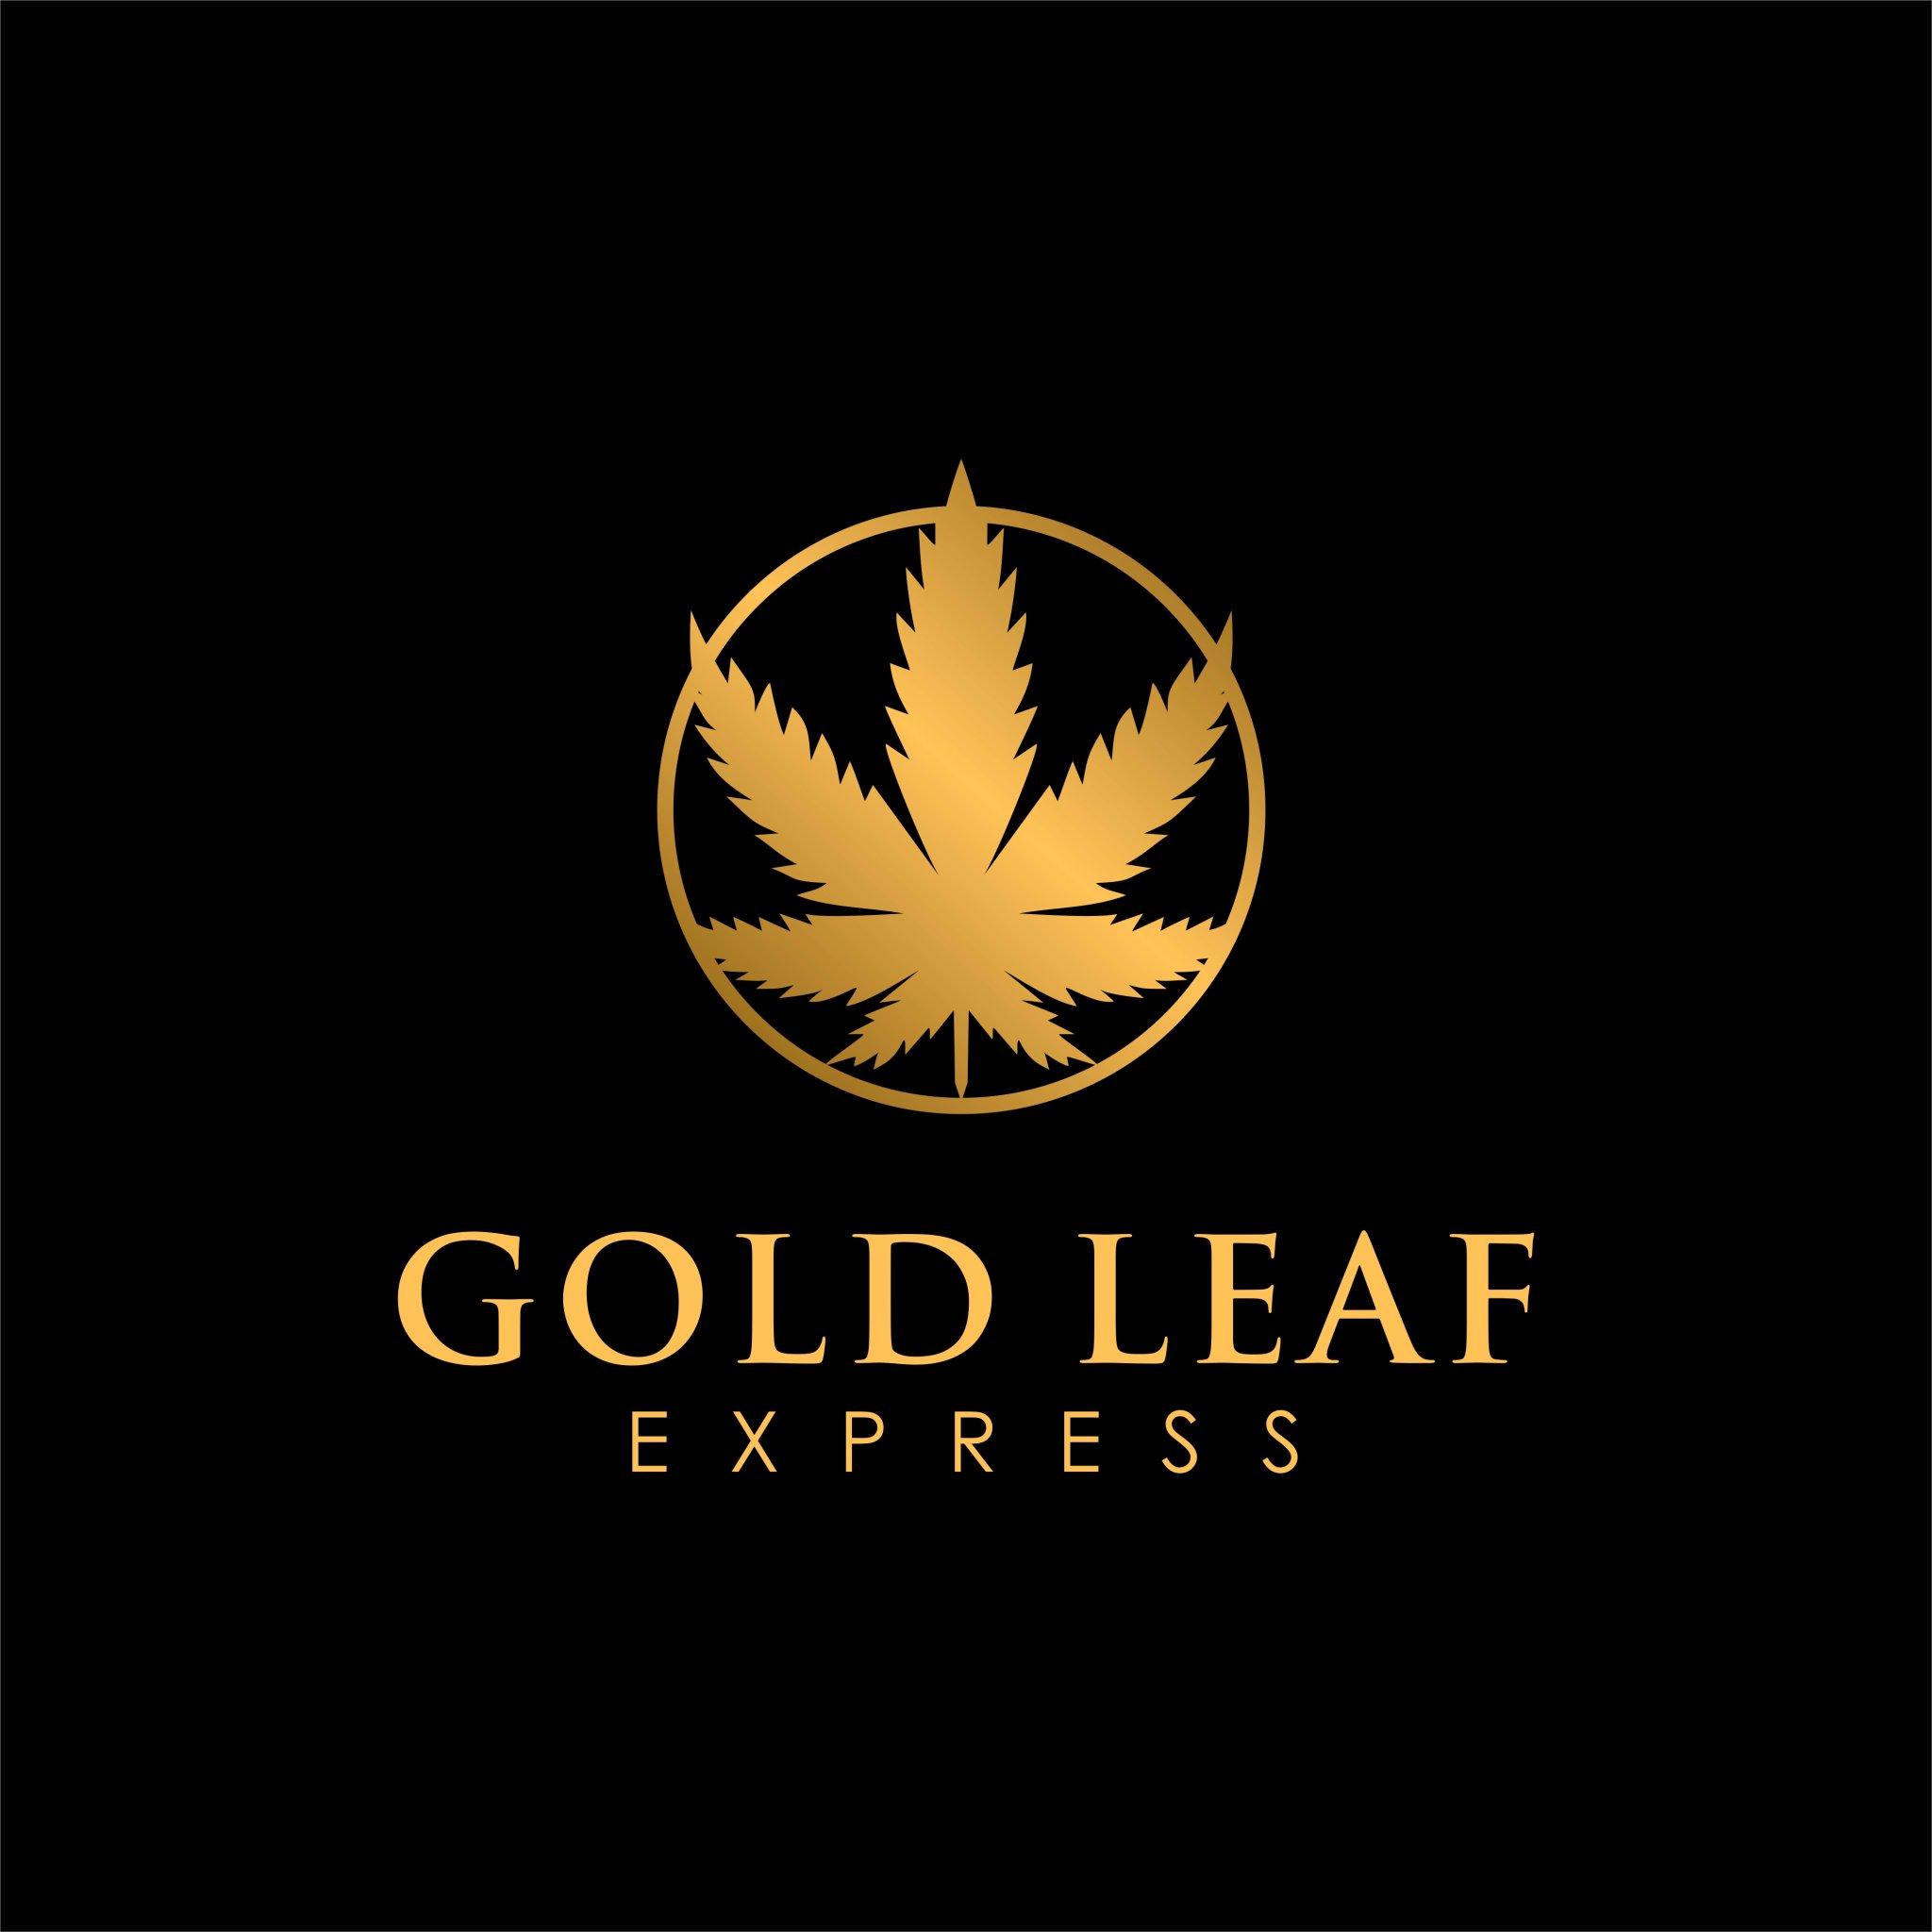 Gold leaf express on twitter we are gold leaf express canadas gold leaf express buycottarizona